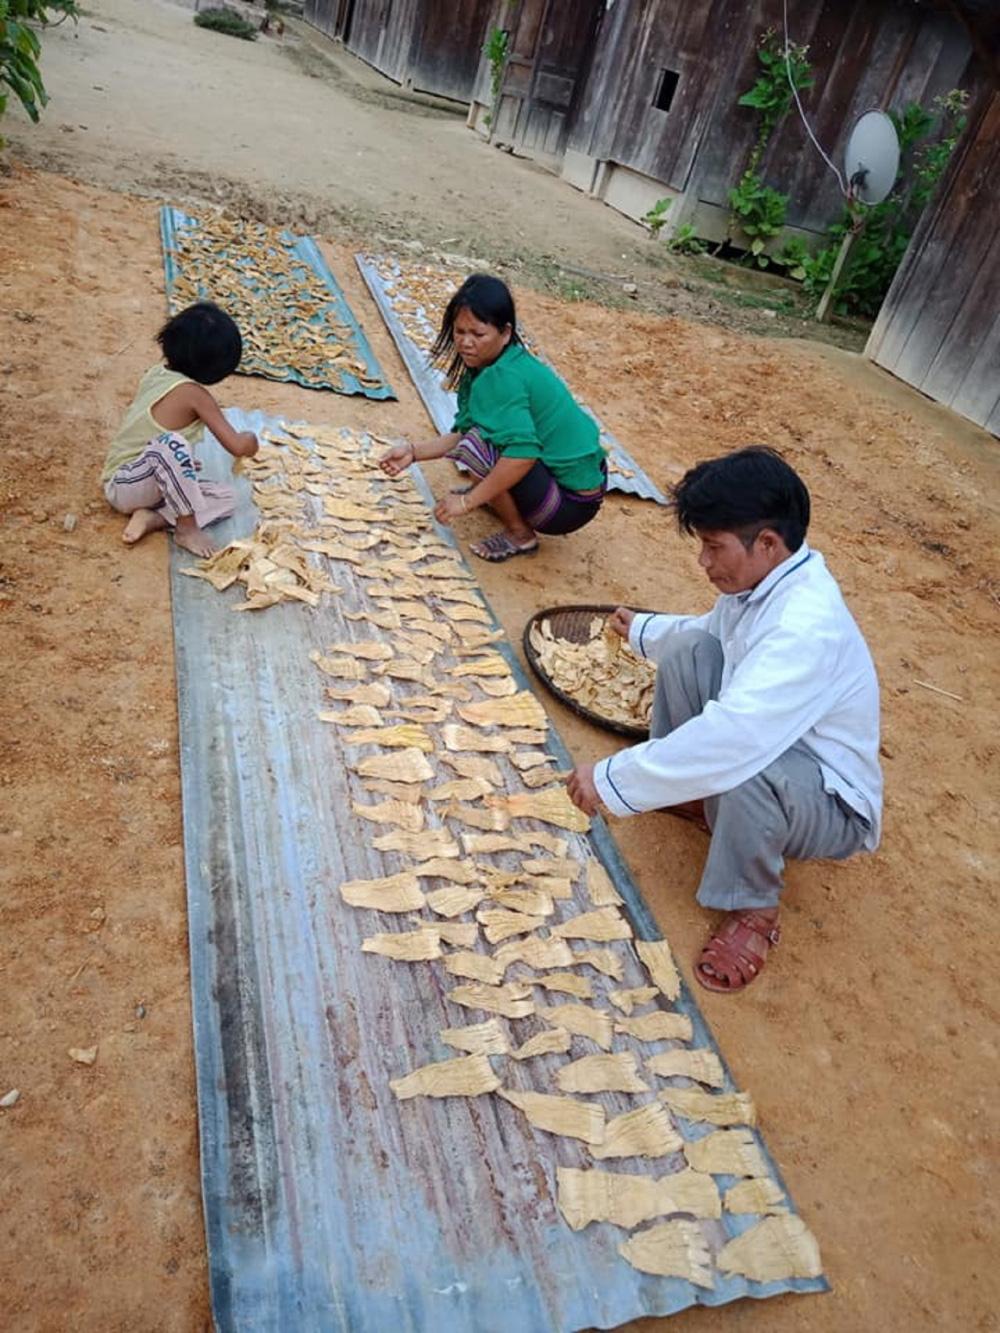 Quảng Nam: Ngôi chợ lạ ở huyện biên giới Tây Giang gi gỉ gì gi cái gì cũng bán giá 5 ngàn - Ảnh 4.